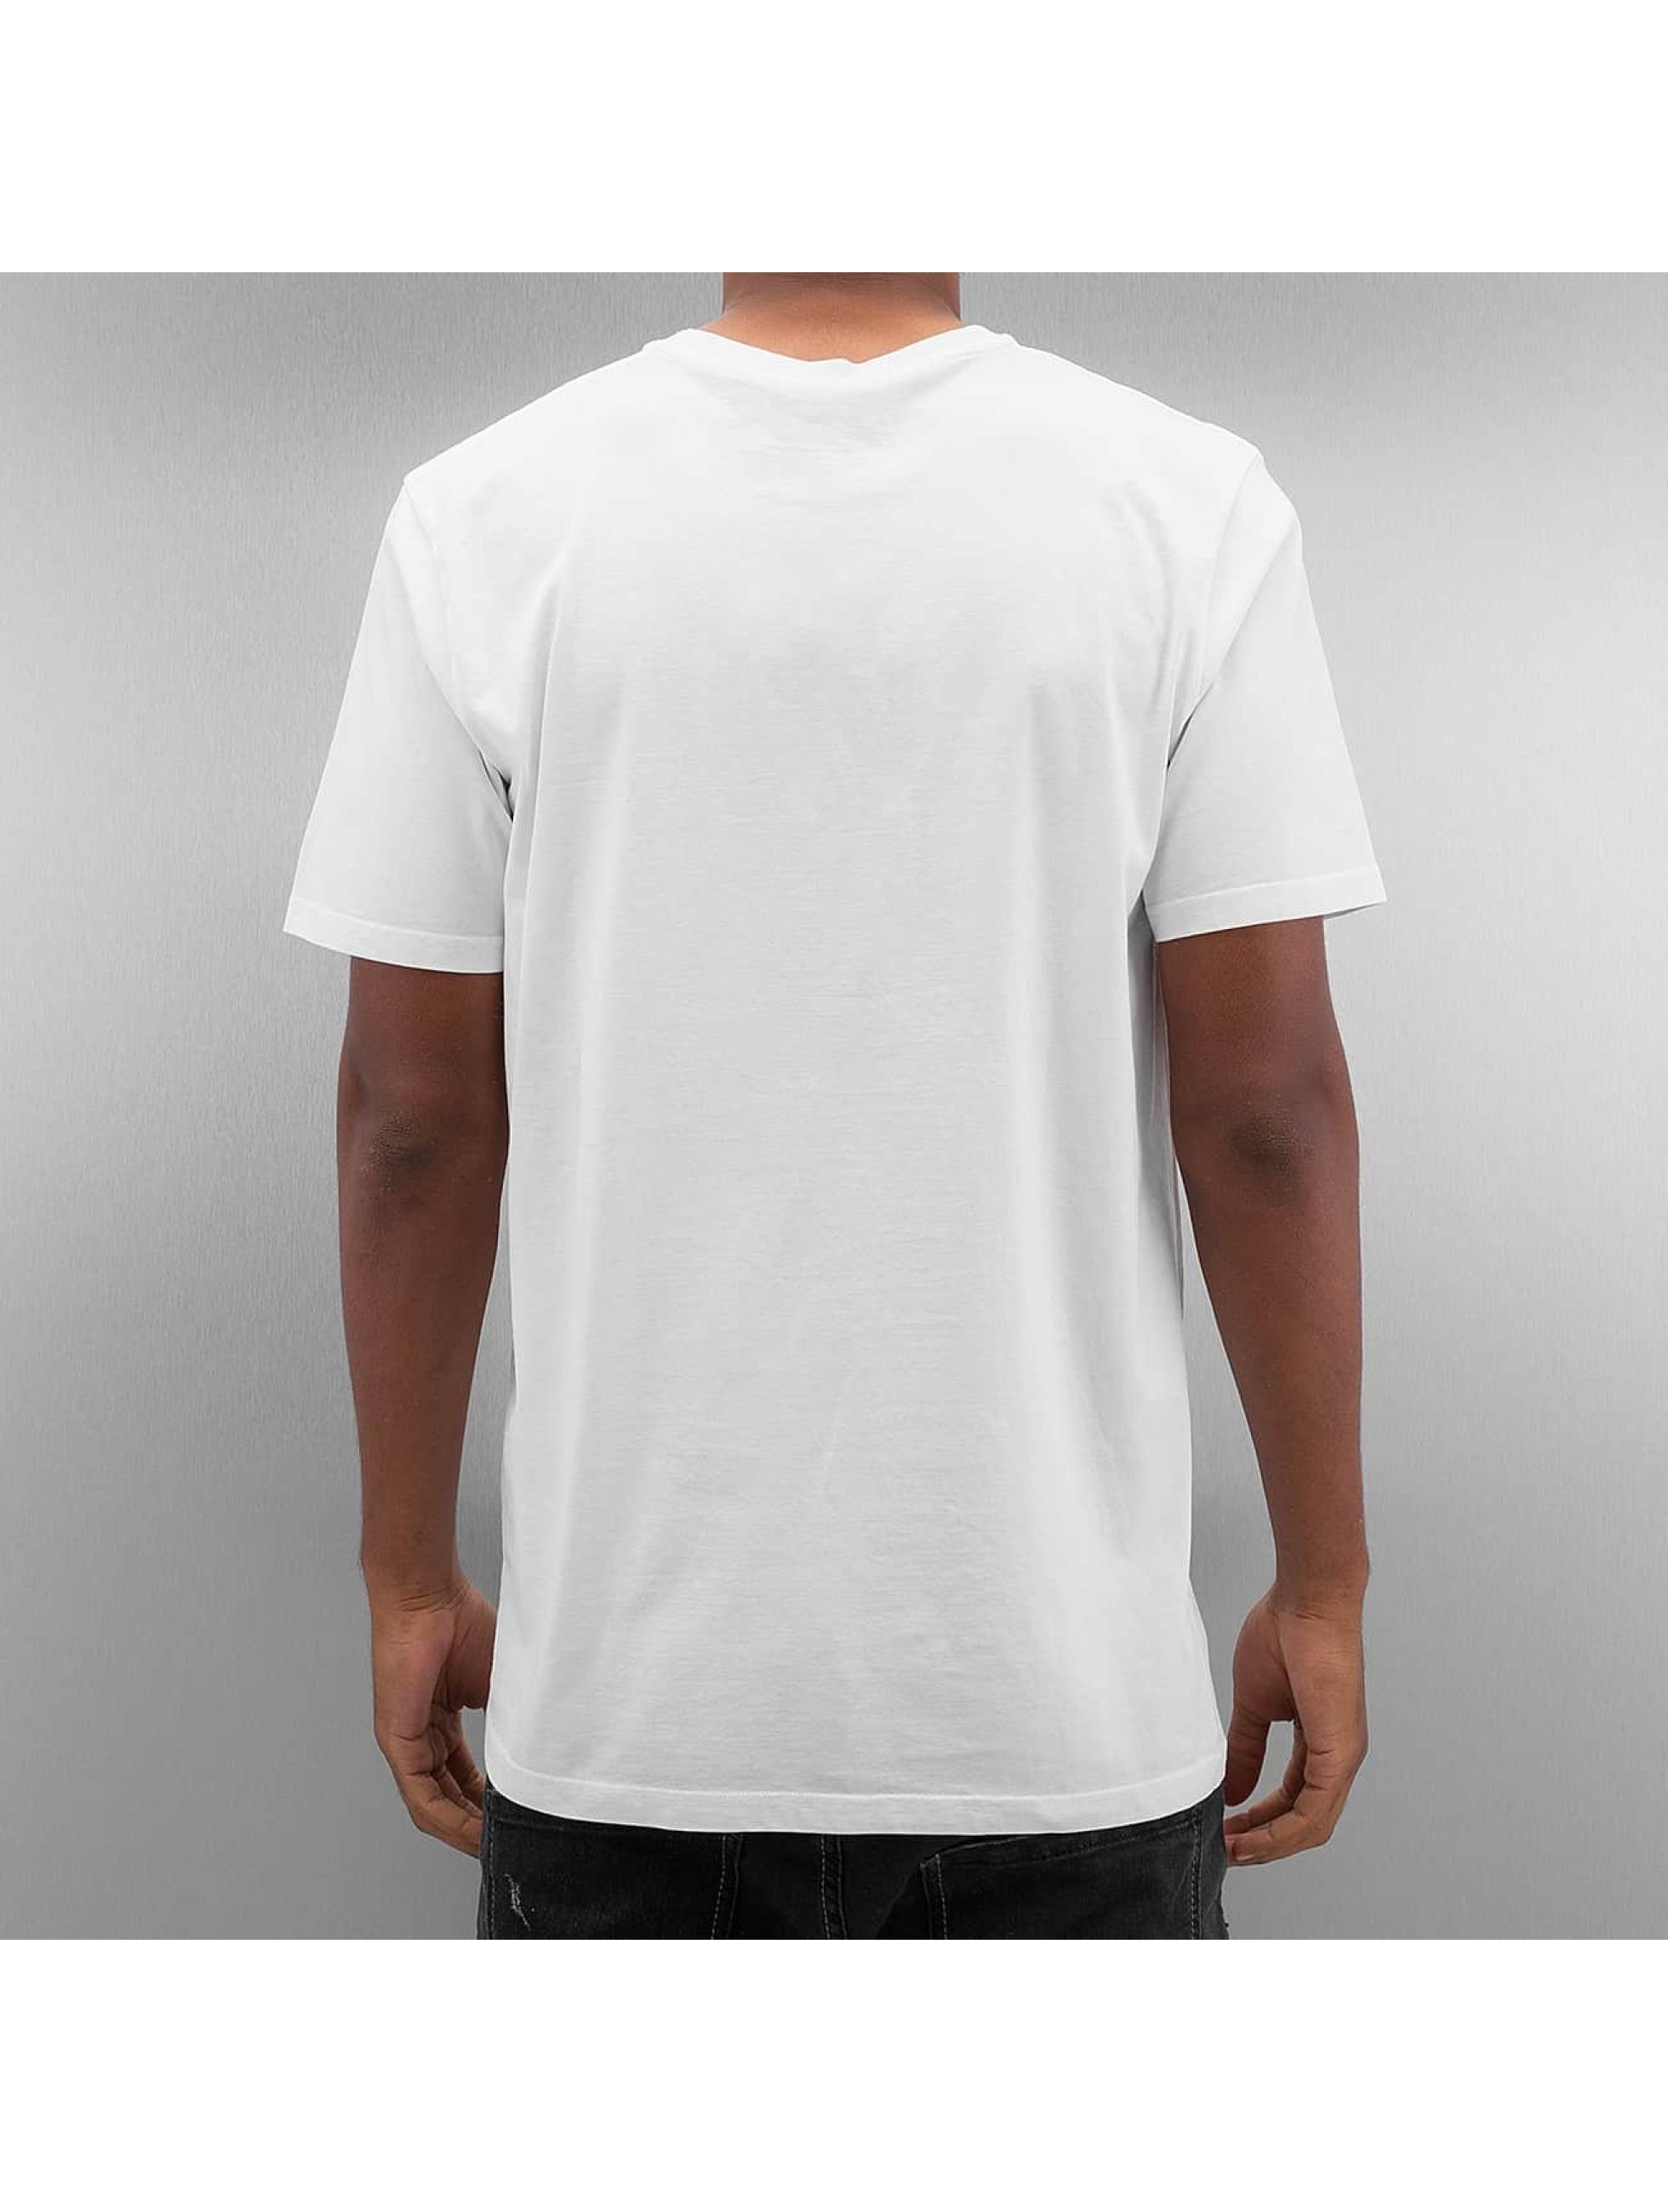 The Dudes T-Shirt Viandardes blanc